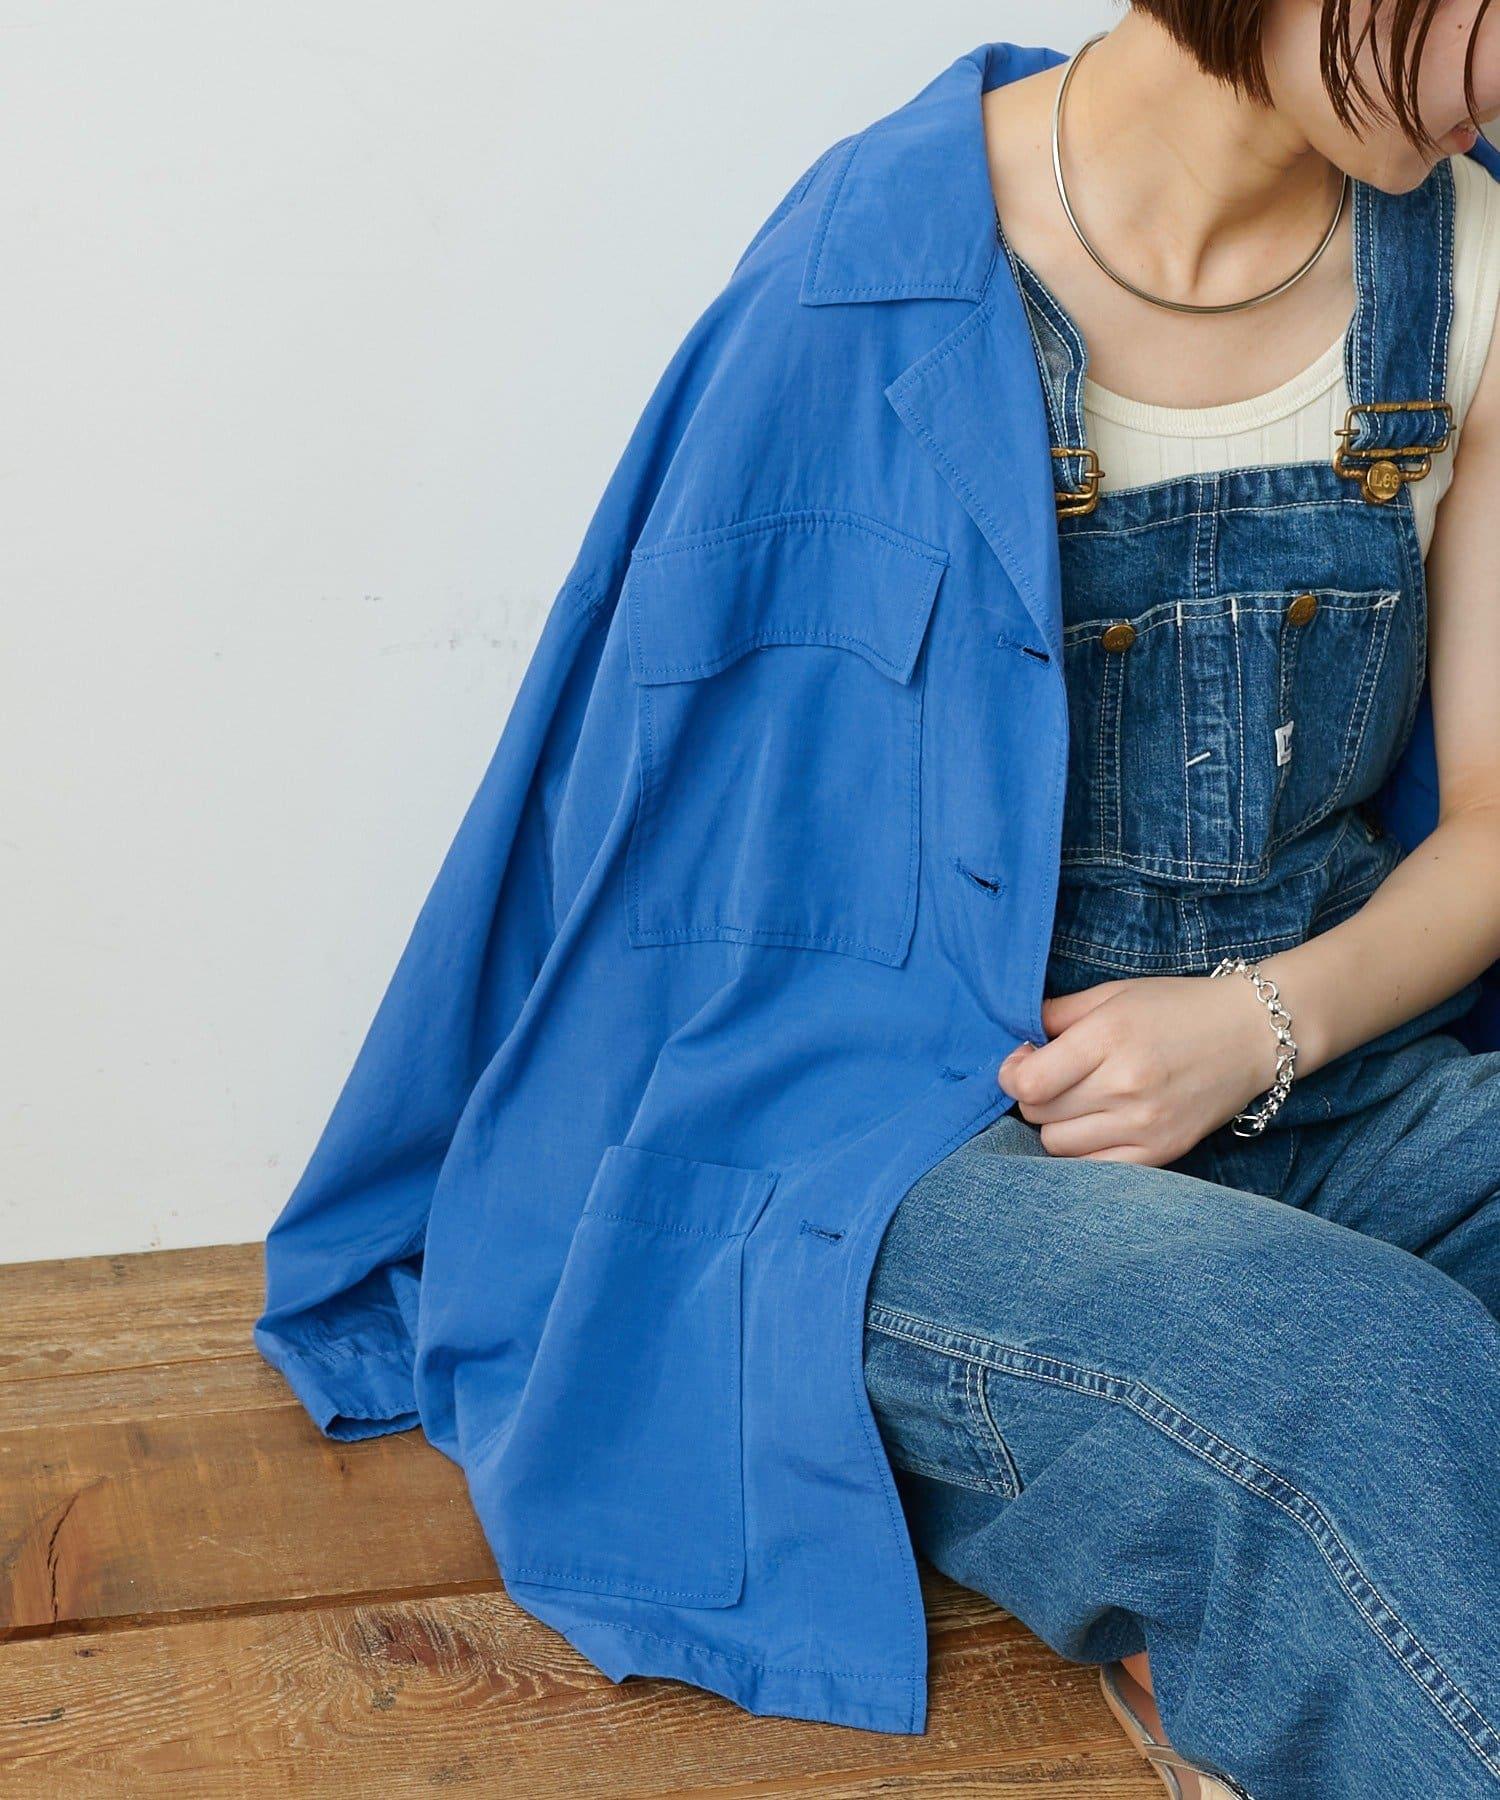 CIAOPANIC TYPY(チャオパニックティピー) 【説明動画付き】光沢リネンBIGシャツジャケット